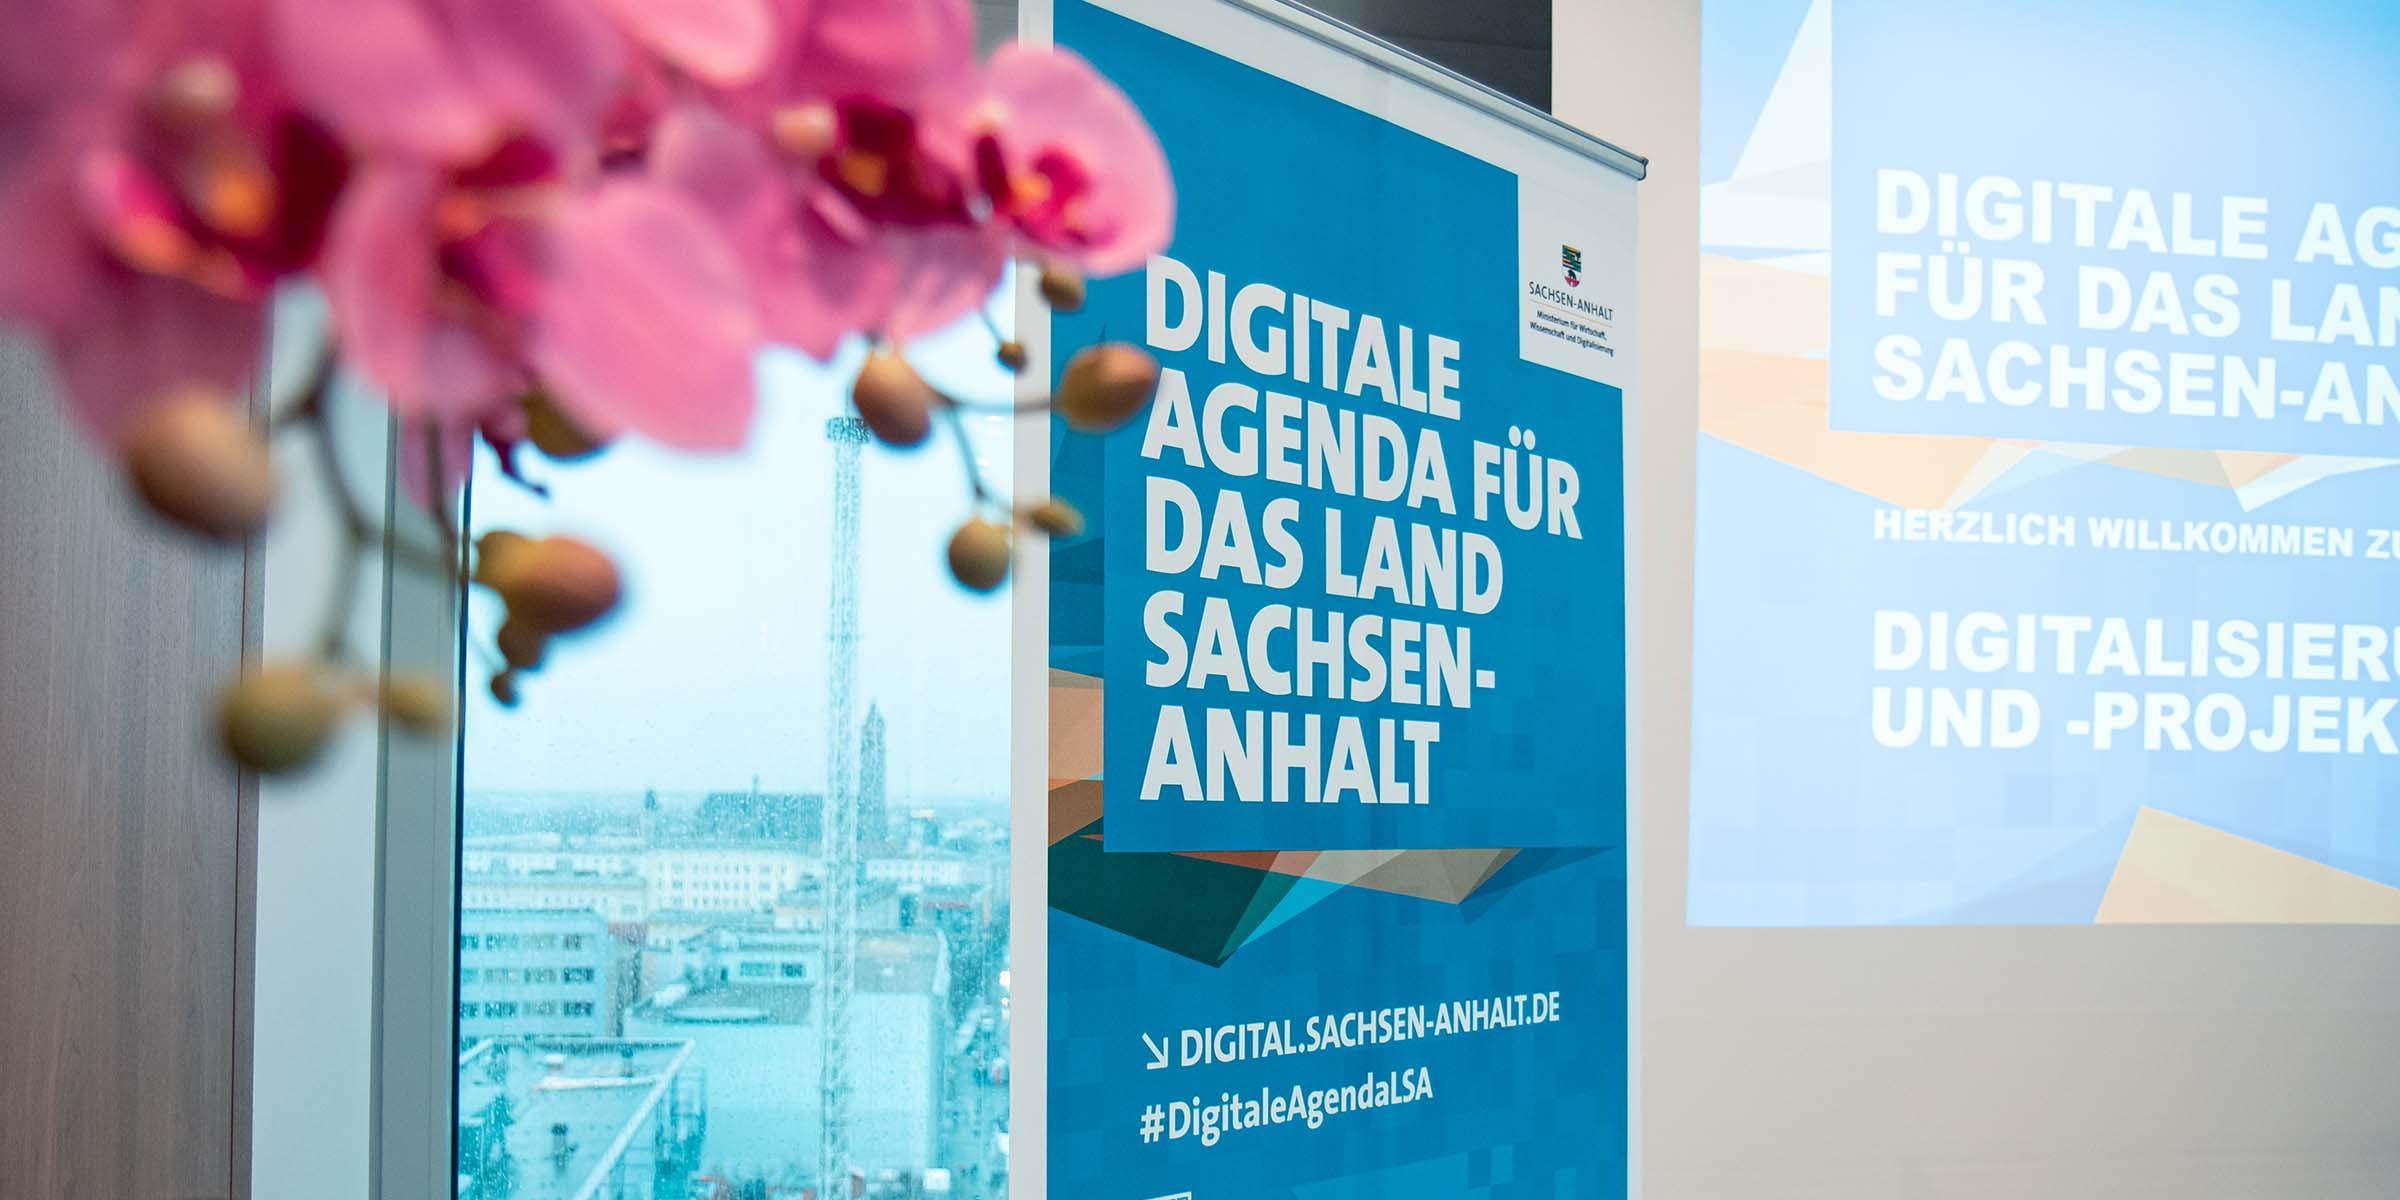 Roll-Up für die Digitale Agenda für das Land Sachsen-Anhalt